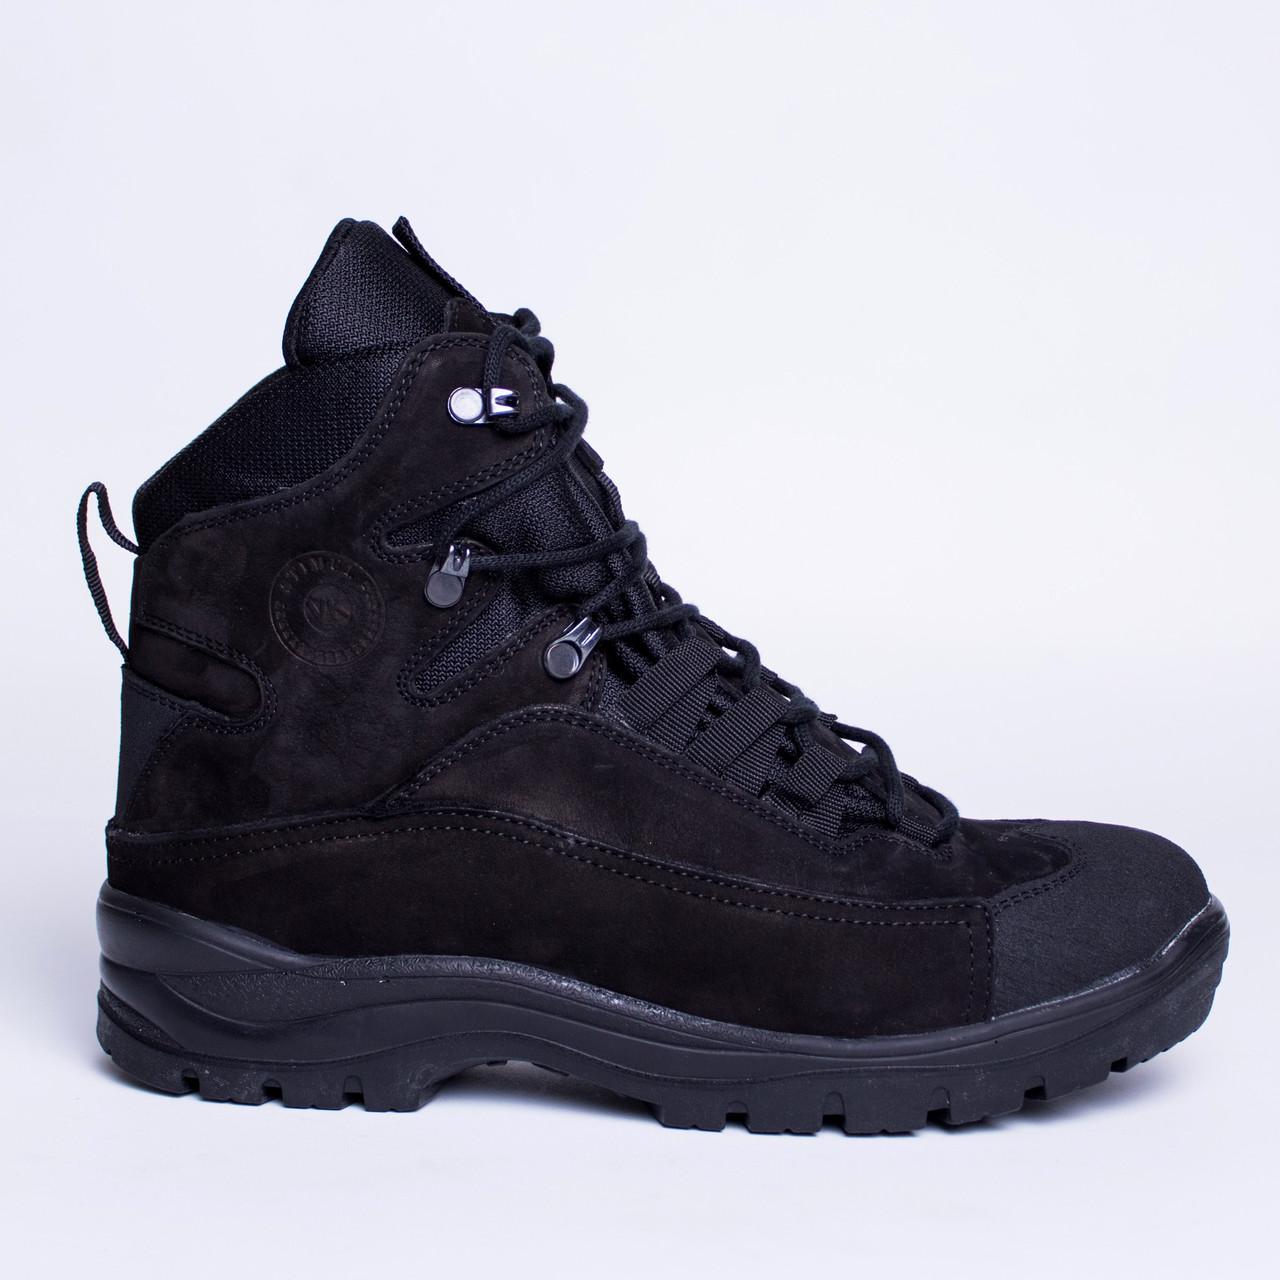 Ботинки Тактические, Демисезонные Гром Черный